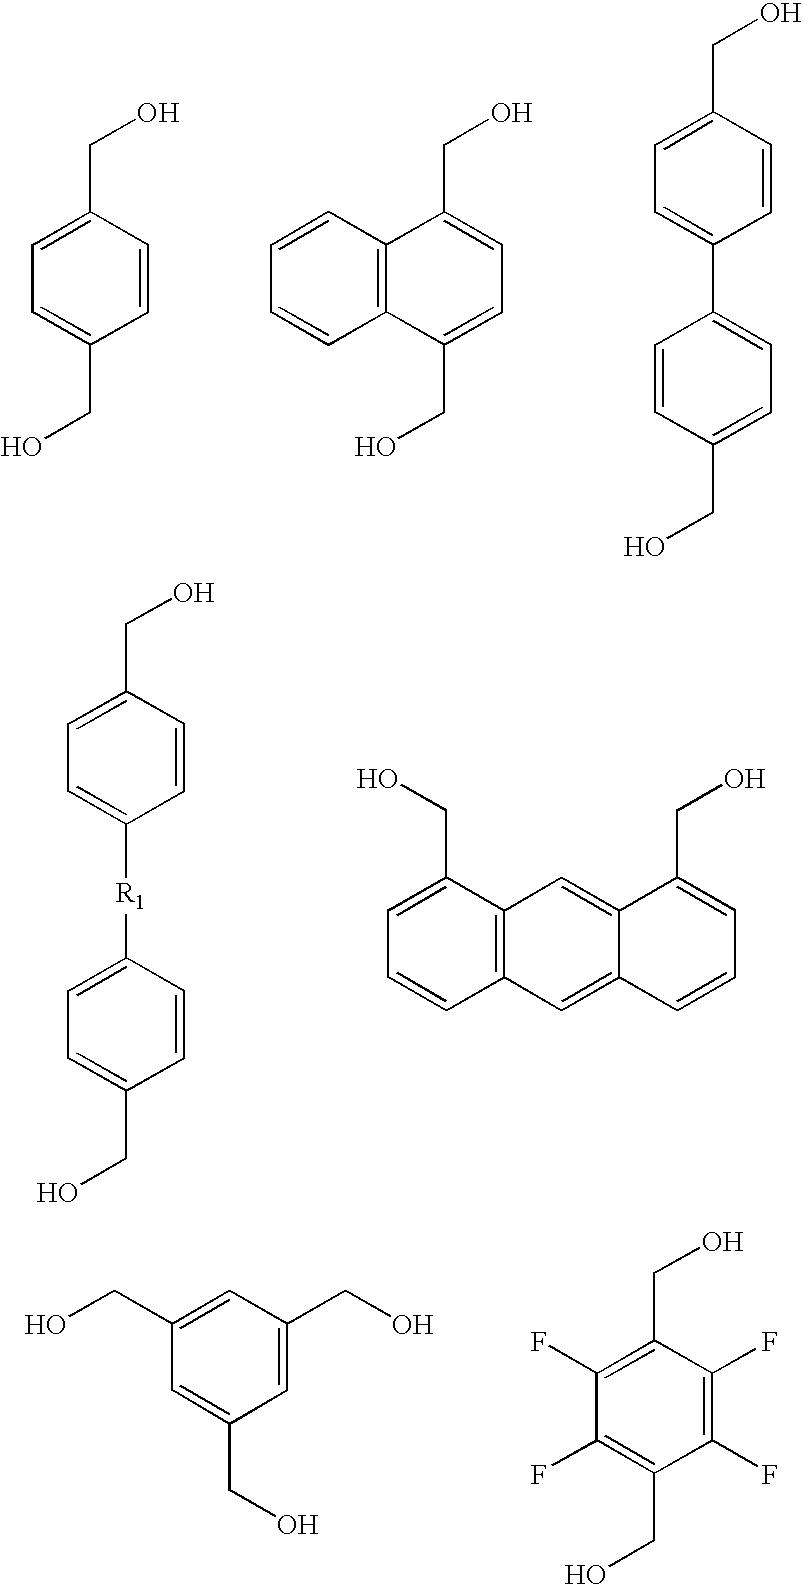 Figure US20060145149A1-20060706-C00001